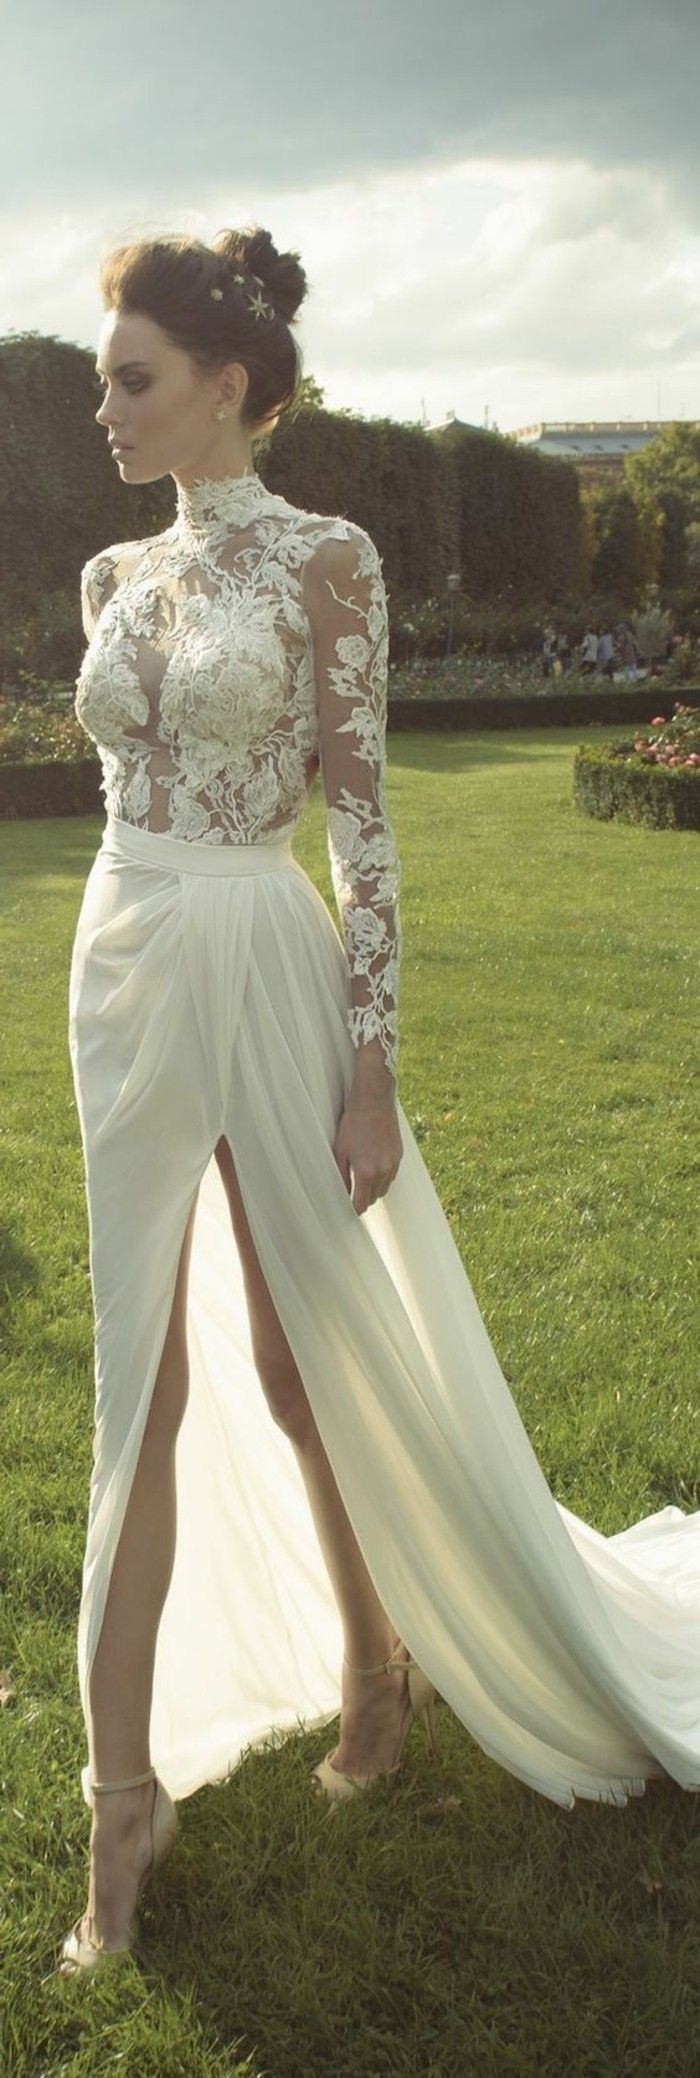 robe de mariage civil élégante en dentelle blanche robe longue, talons hauts blancs